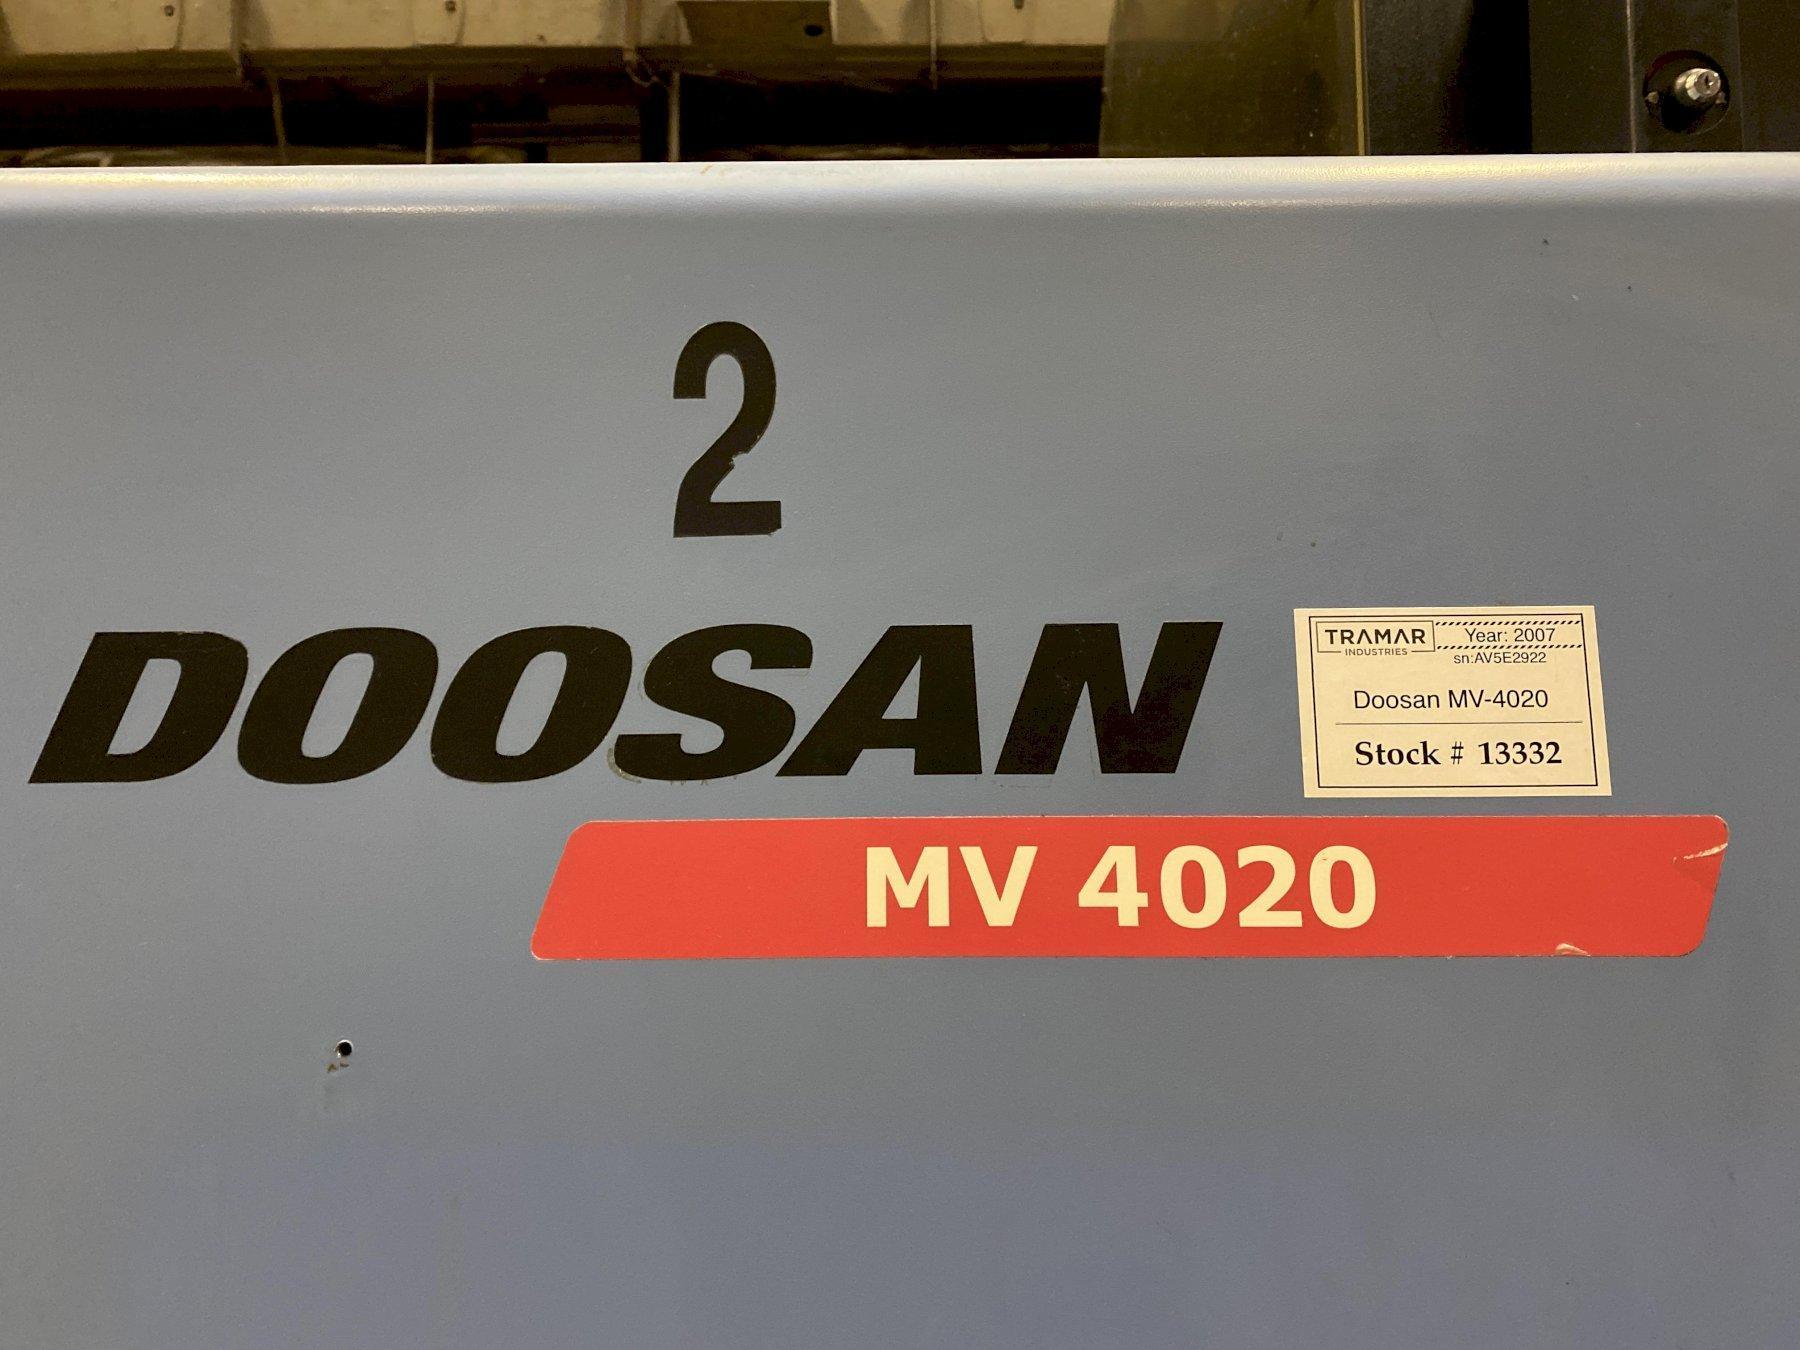 2007 Doosan MV-4020 CNC Vertical Machining Center